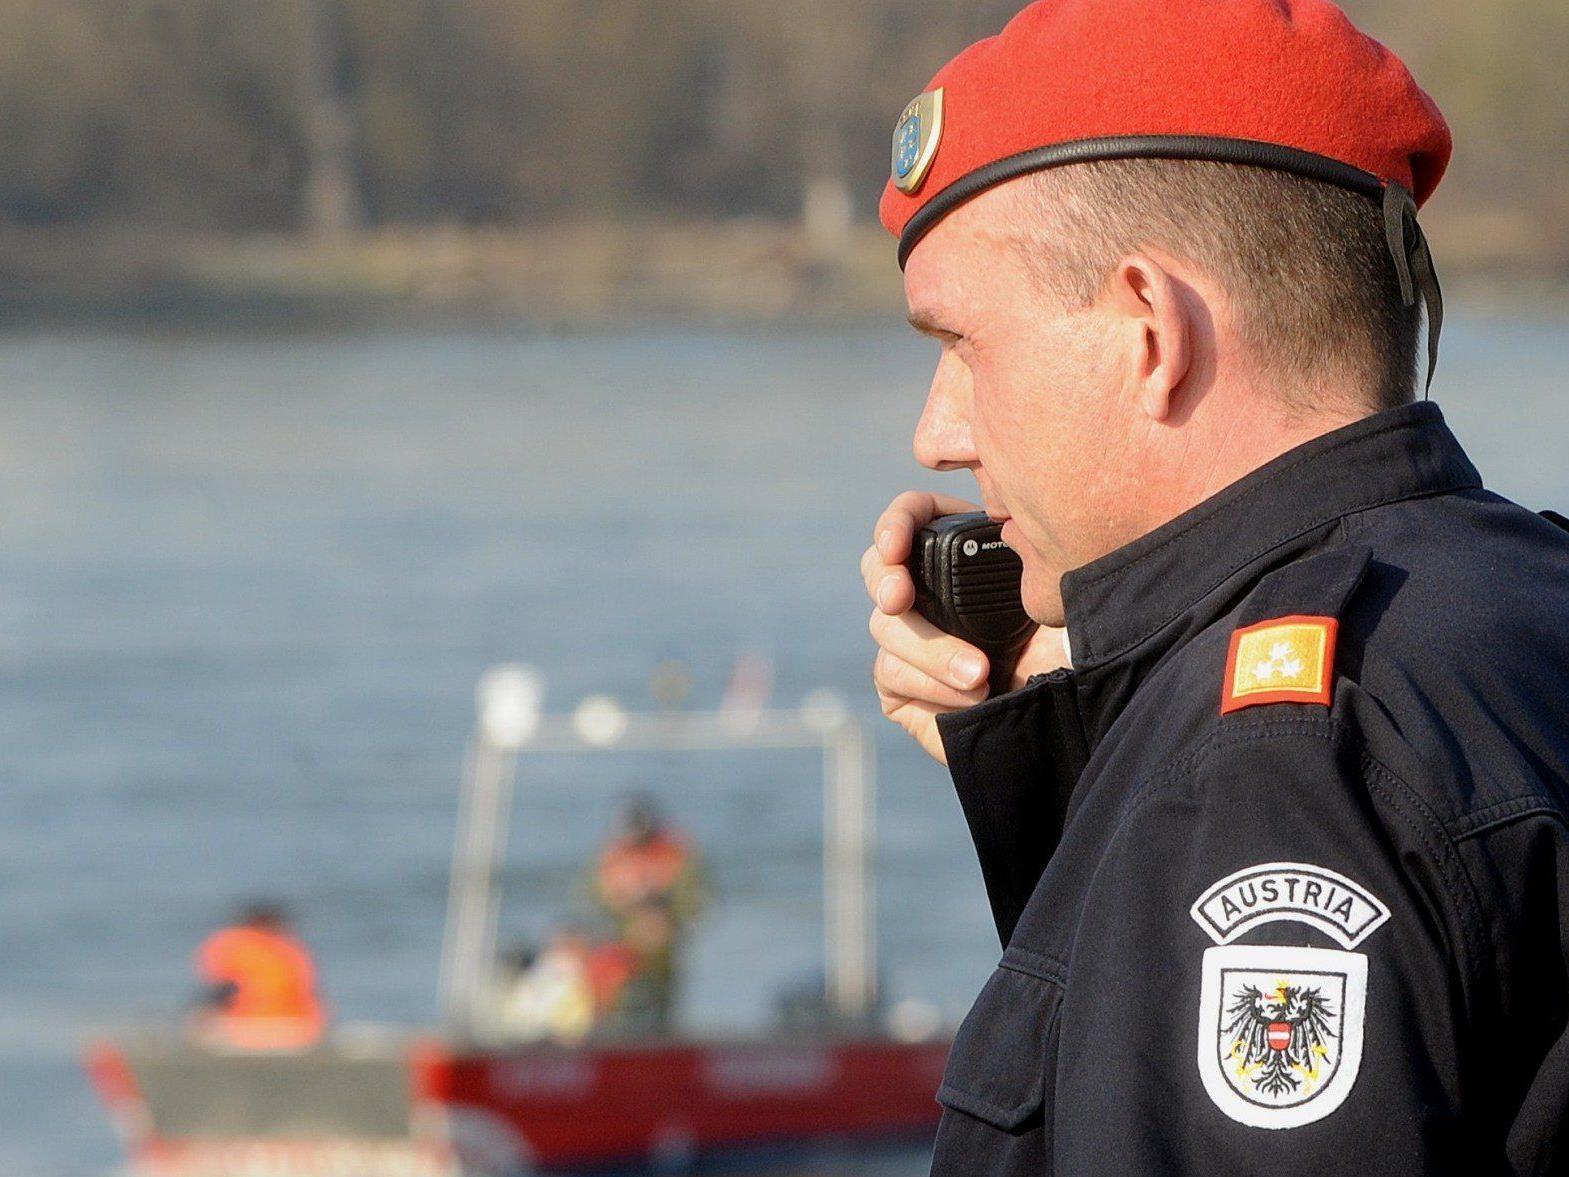 Ein Rollfährenmitarbeiter wird vermisst. Die Suche in der Donau wurde um 16 Uhr gestoppt.